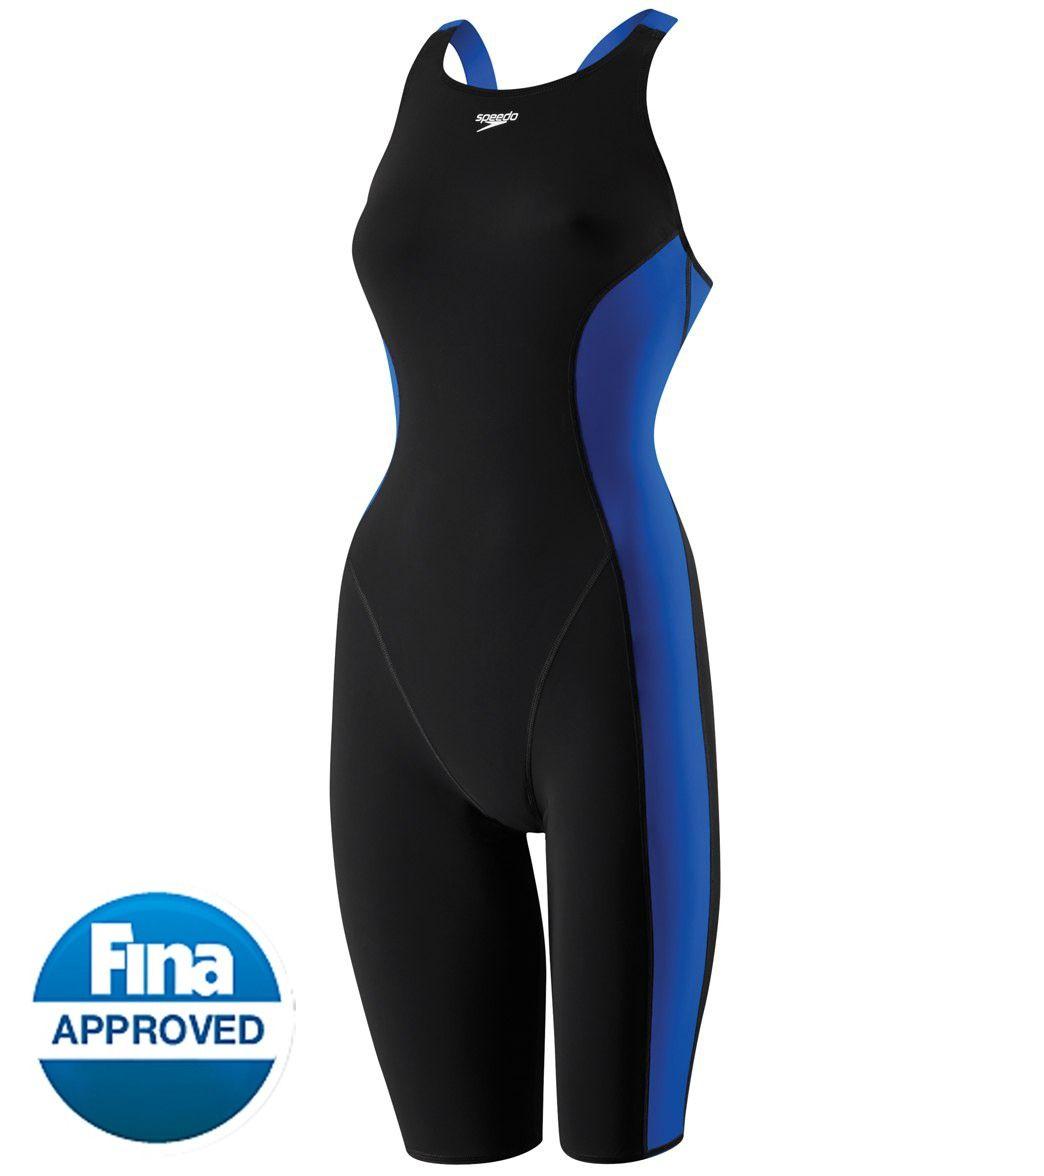 Speedo LZR Racer Elite 2 Comfort Strap Kneeskin Tech Suit